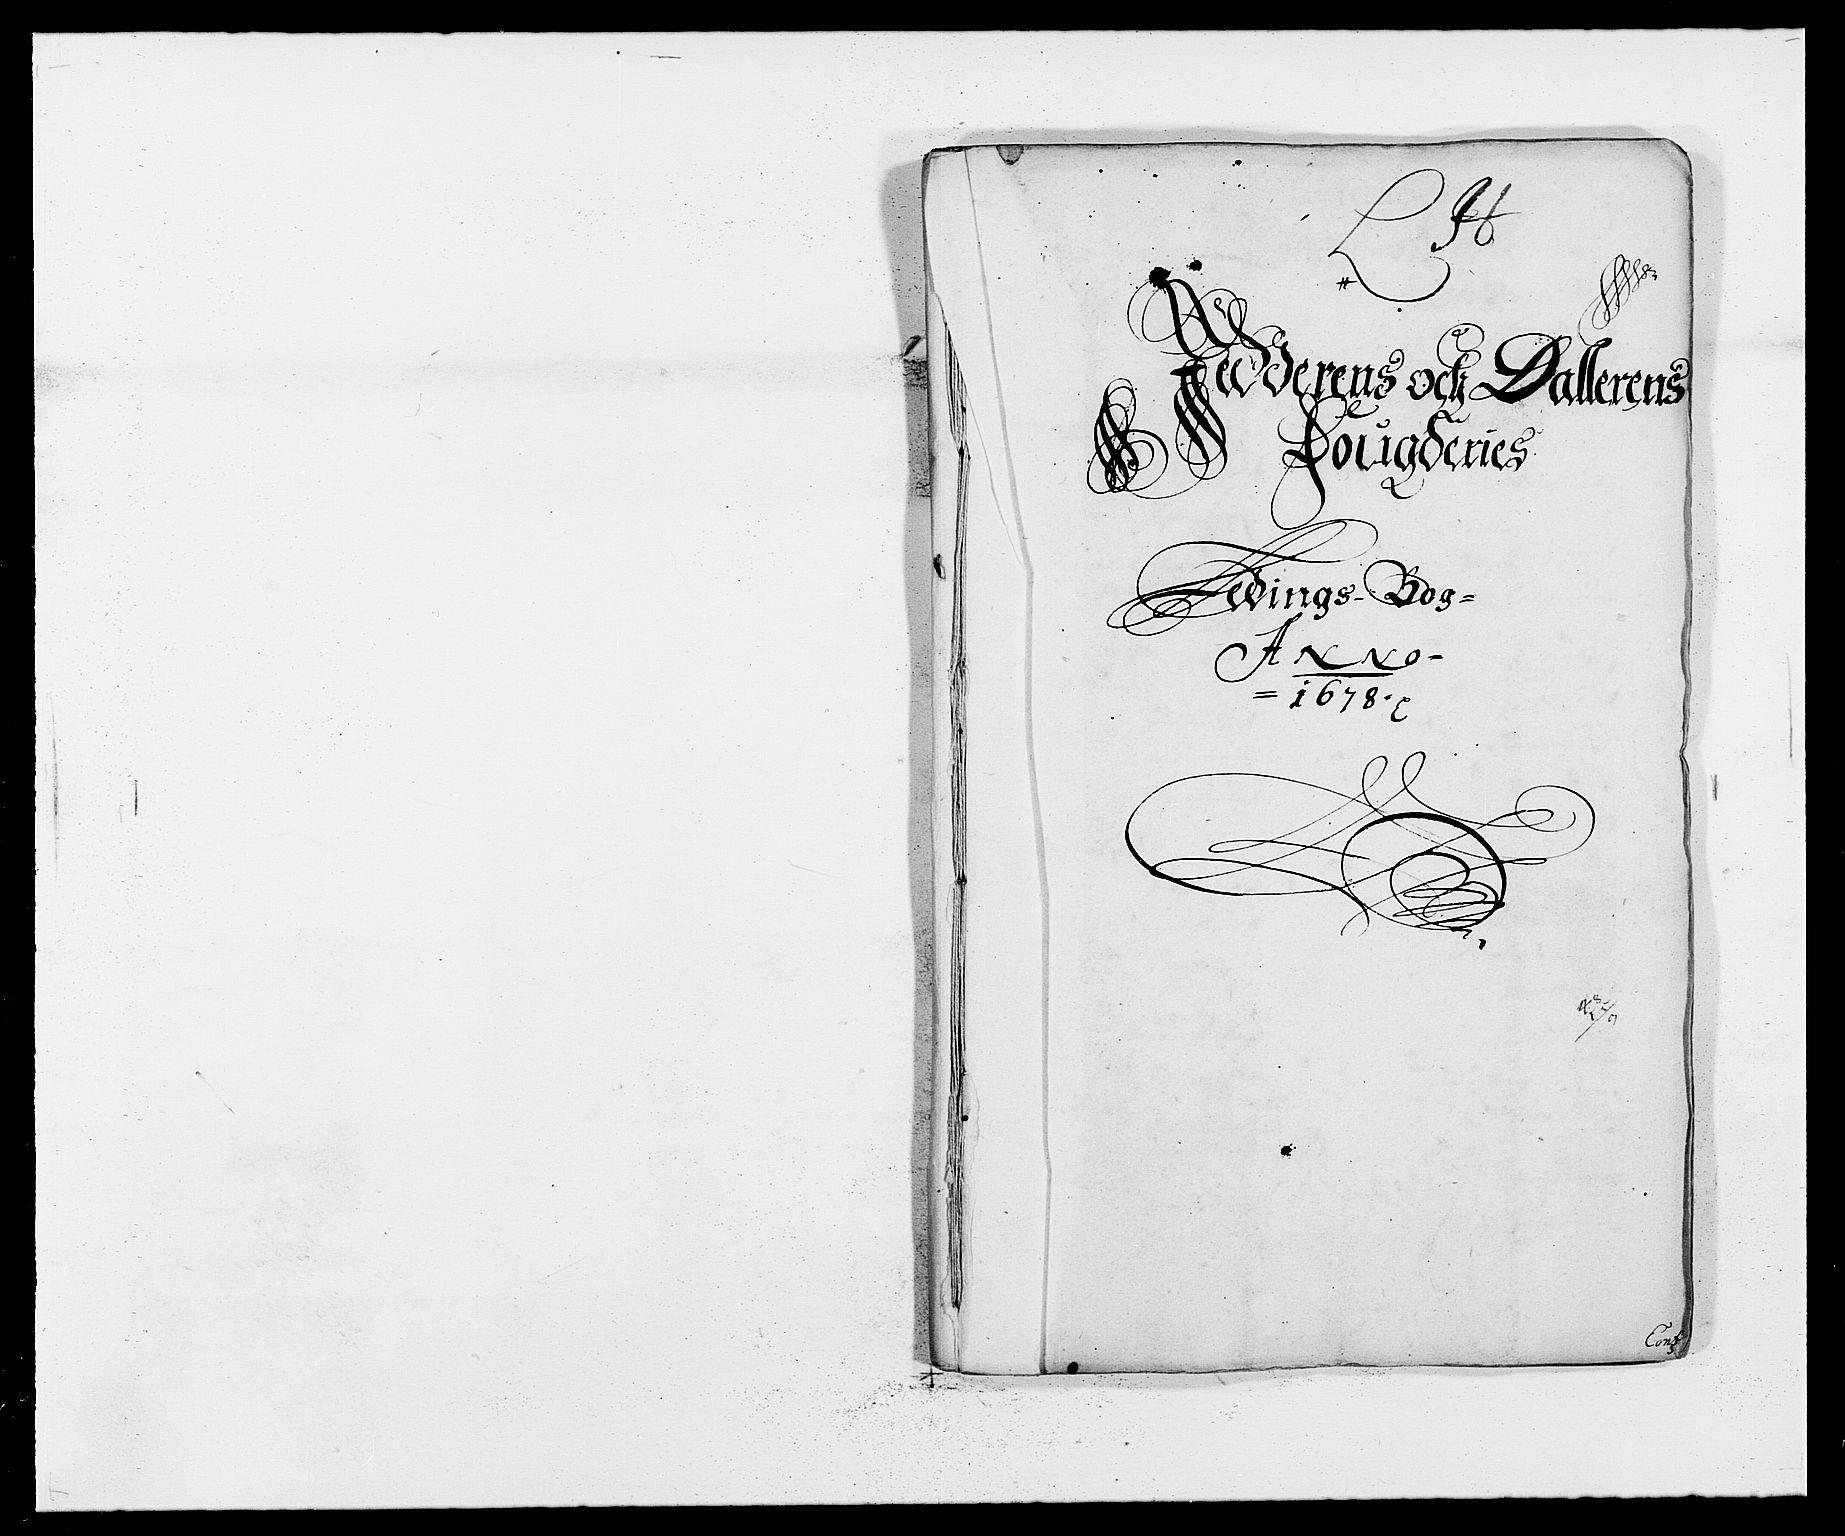 RA, Rentekammeret inntil 1814, Reviderte regnskaper, Fogderegnskap, R46/L2718: Fogderegnskap Jæren og Dalane, 1678, s. 239